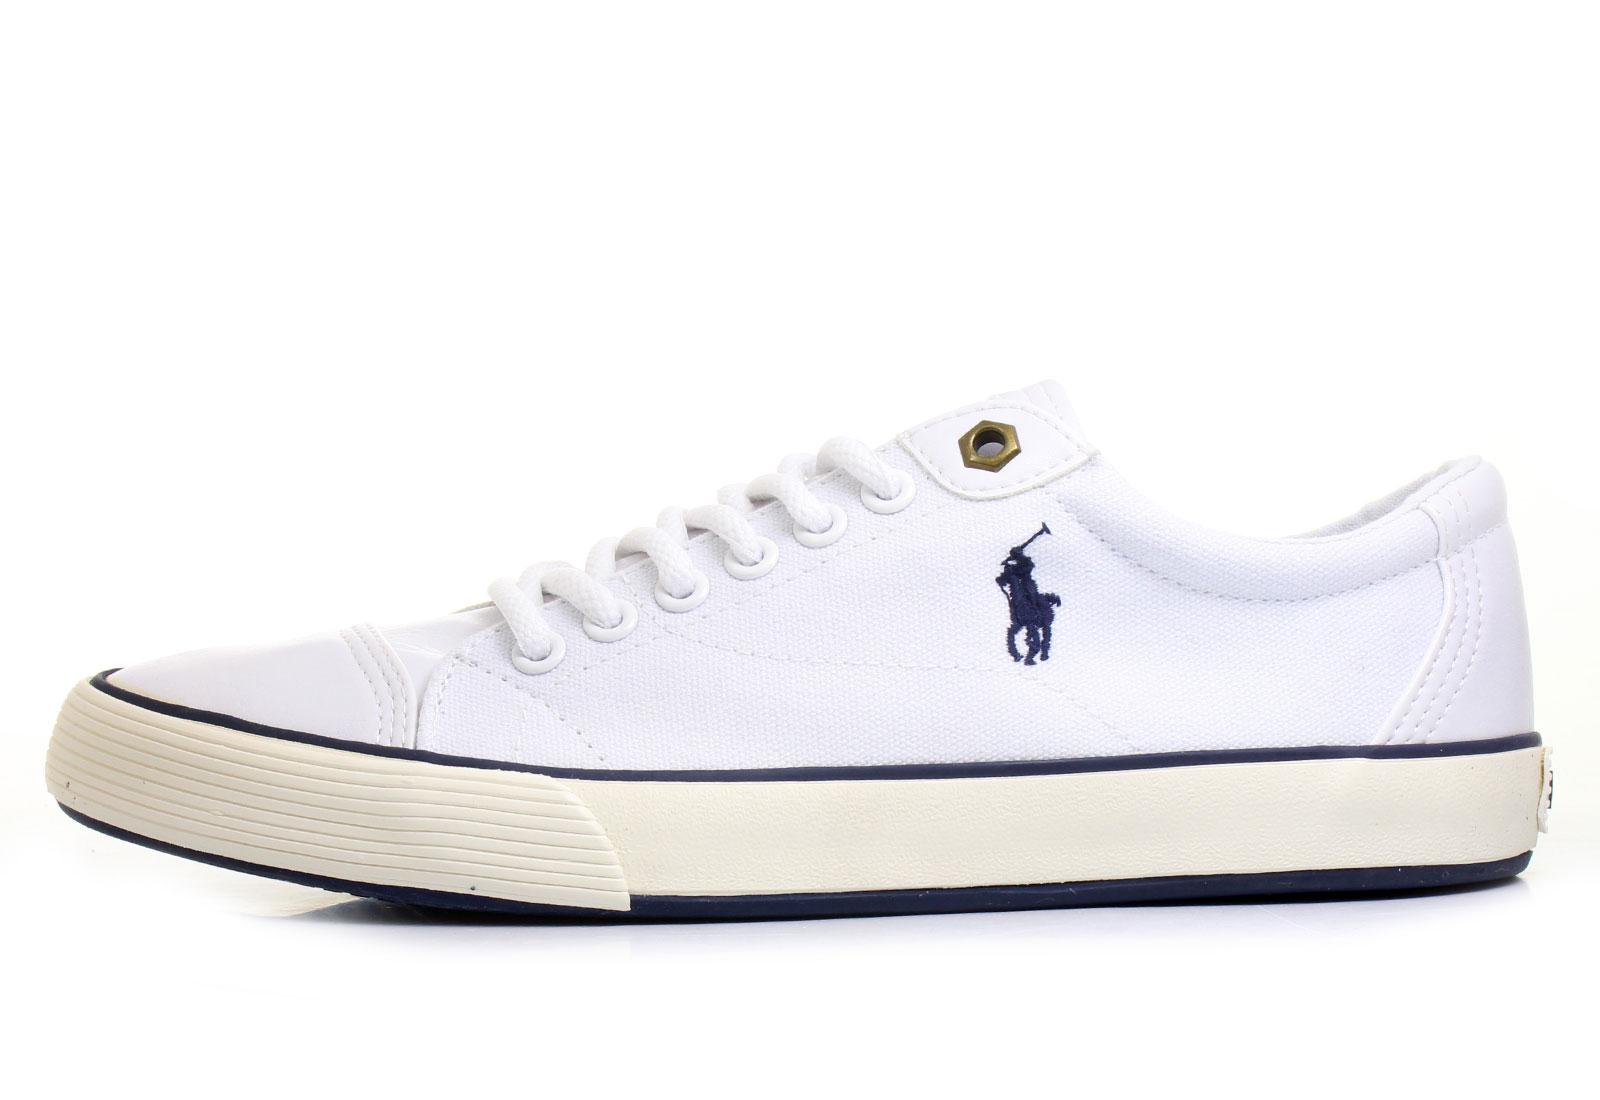 1a2c9592e Polo Ralph Lauren Shoes - Klinger-ne - 2065-C-A1557 - Online shop ...